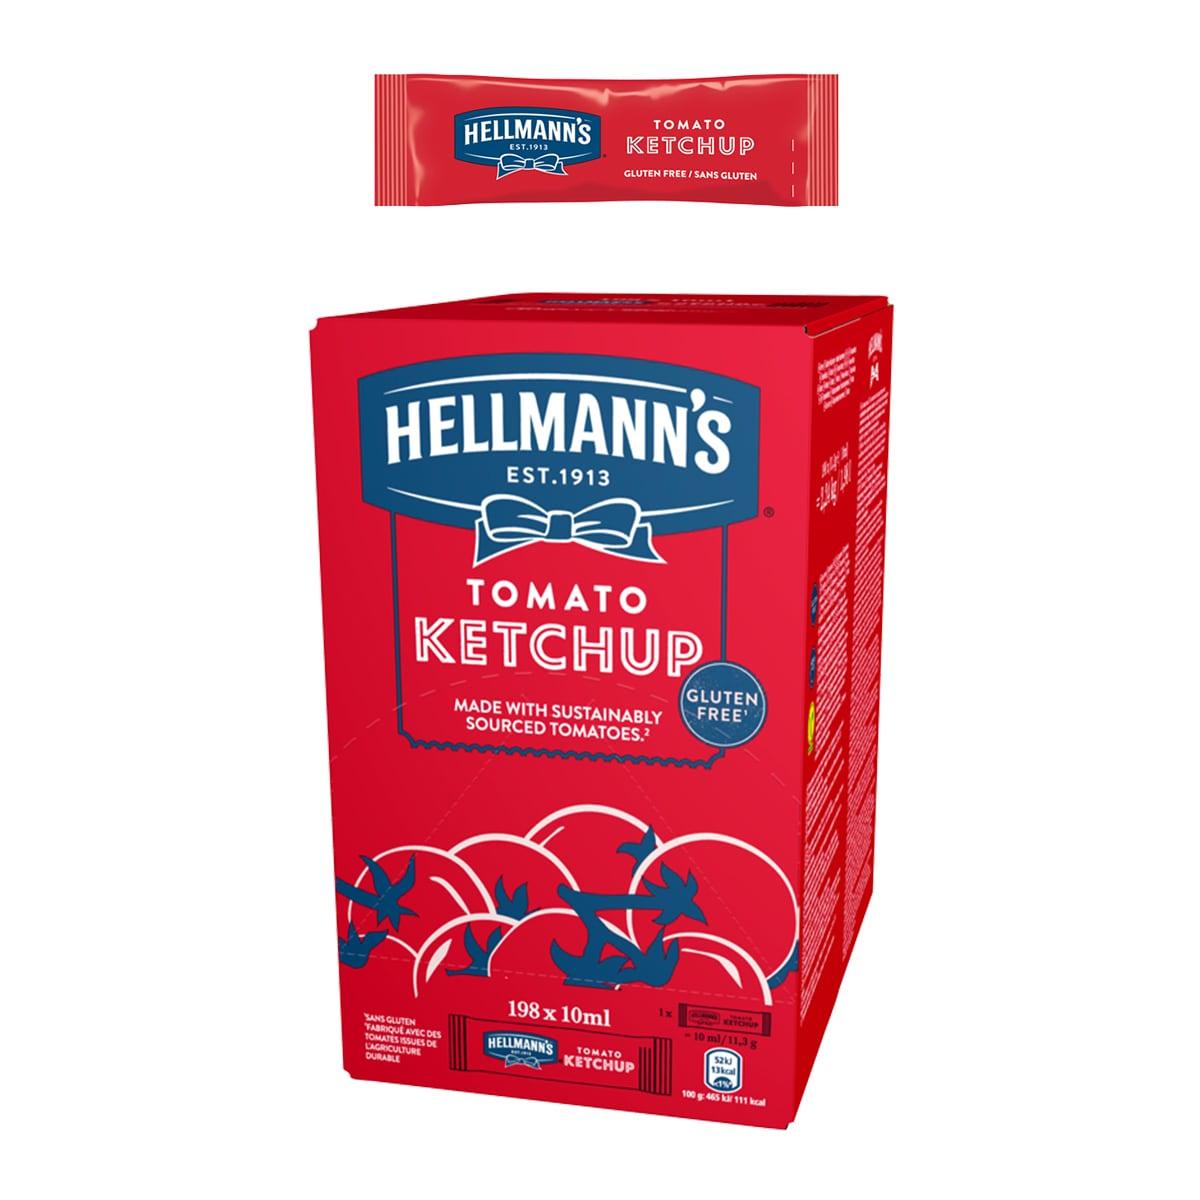 Hellmann's Кетчуп доза 10 ml -